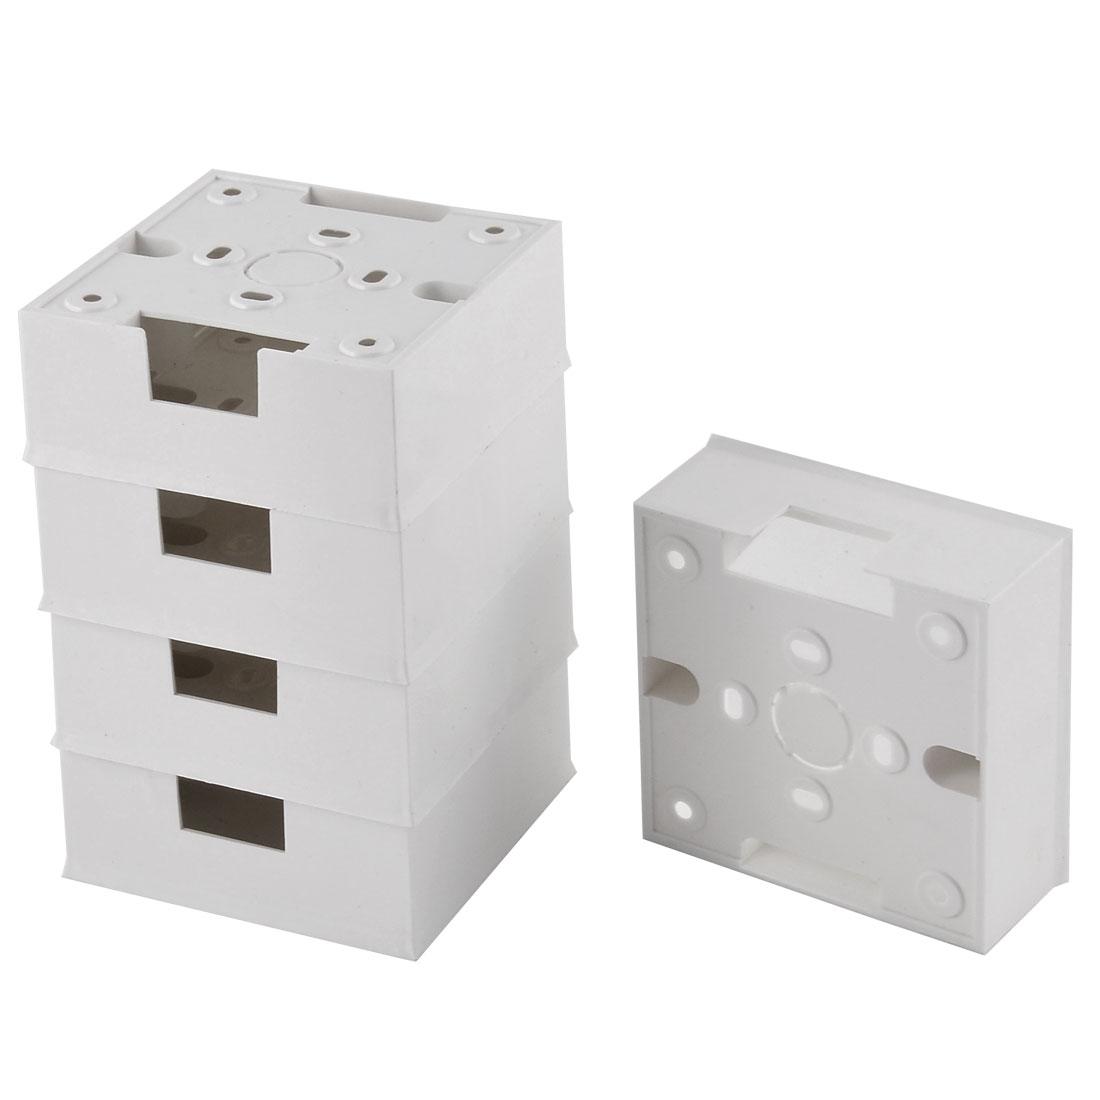 5pcs 85mm x 85mm x 34mm White PVC Single Gang Wiring Mount Back Box for Wall Socket